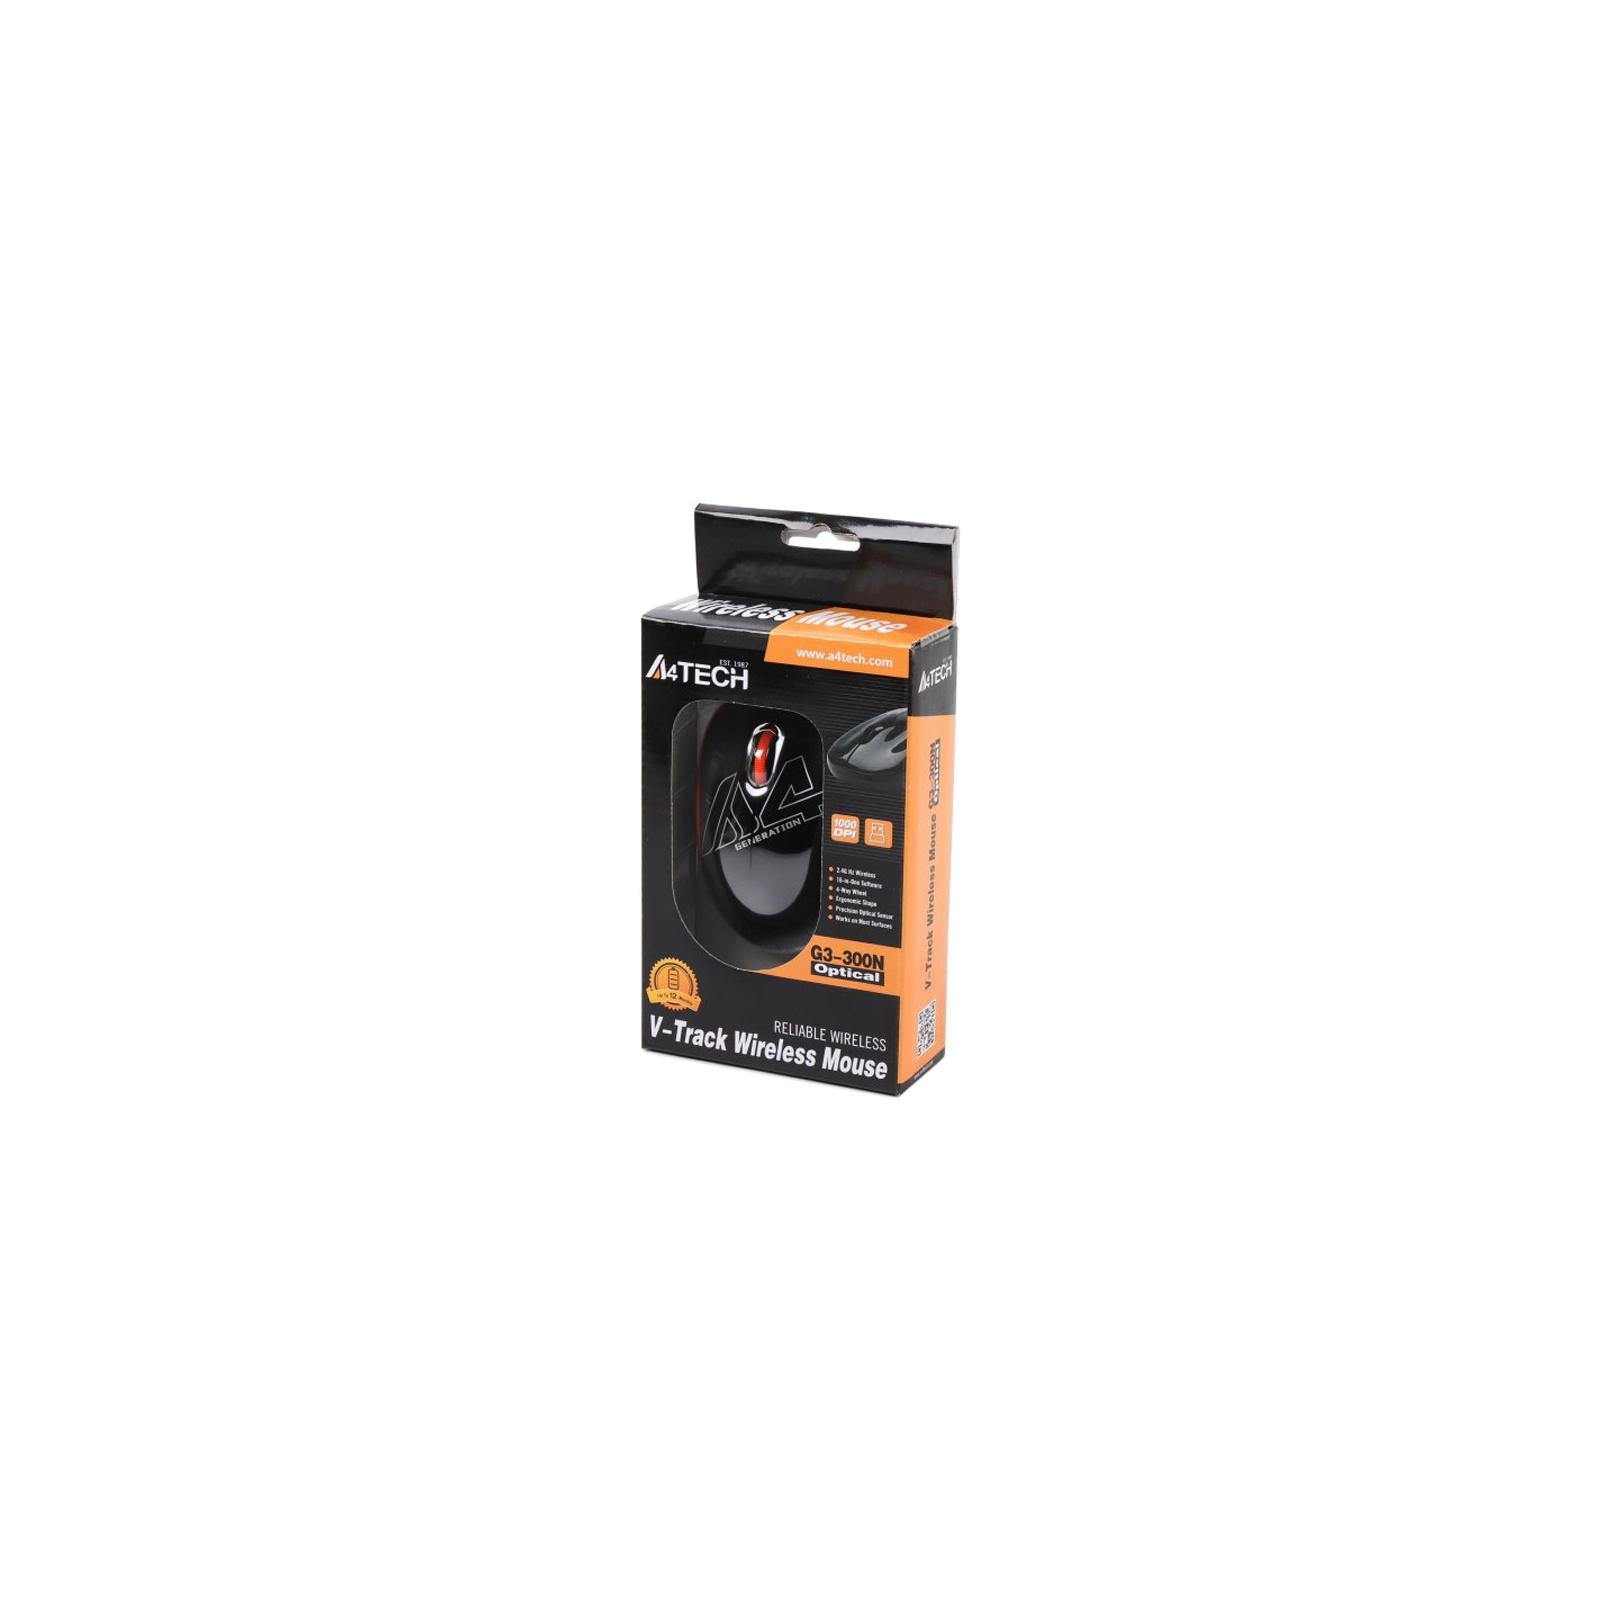 Мышка A4Tech G3-300N Black+Orange изображение 6